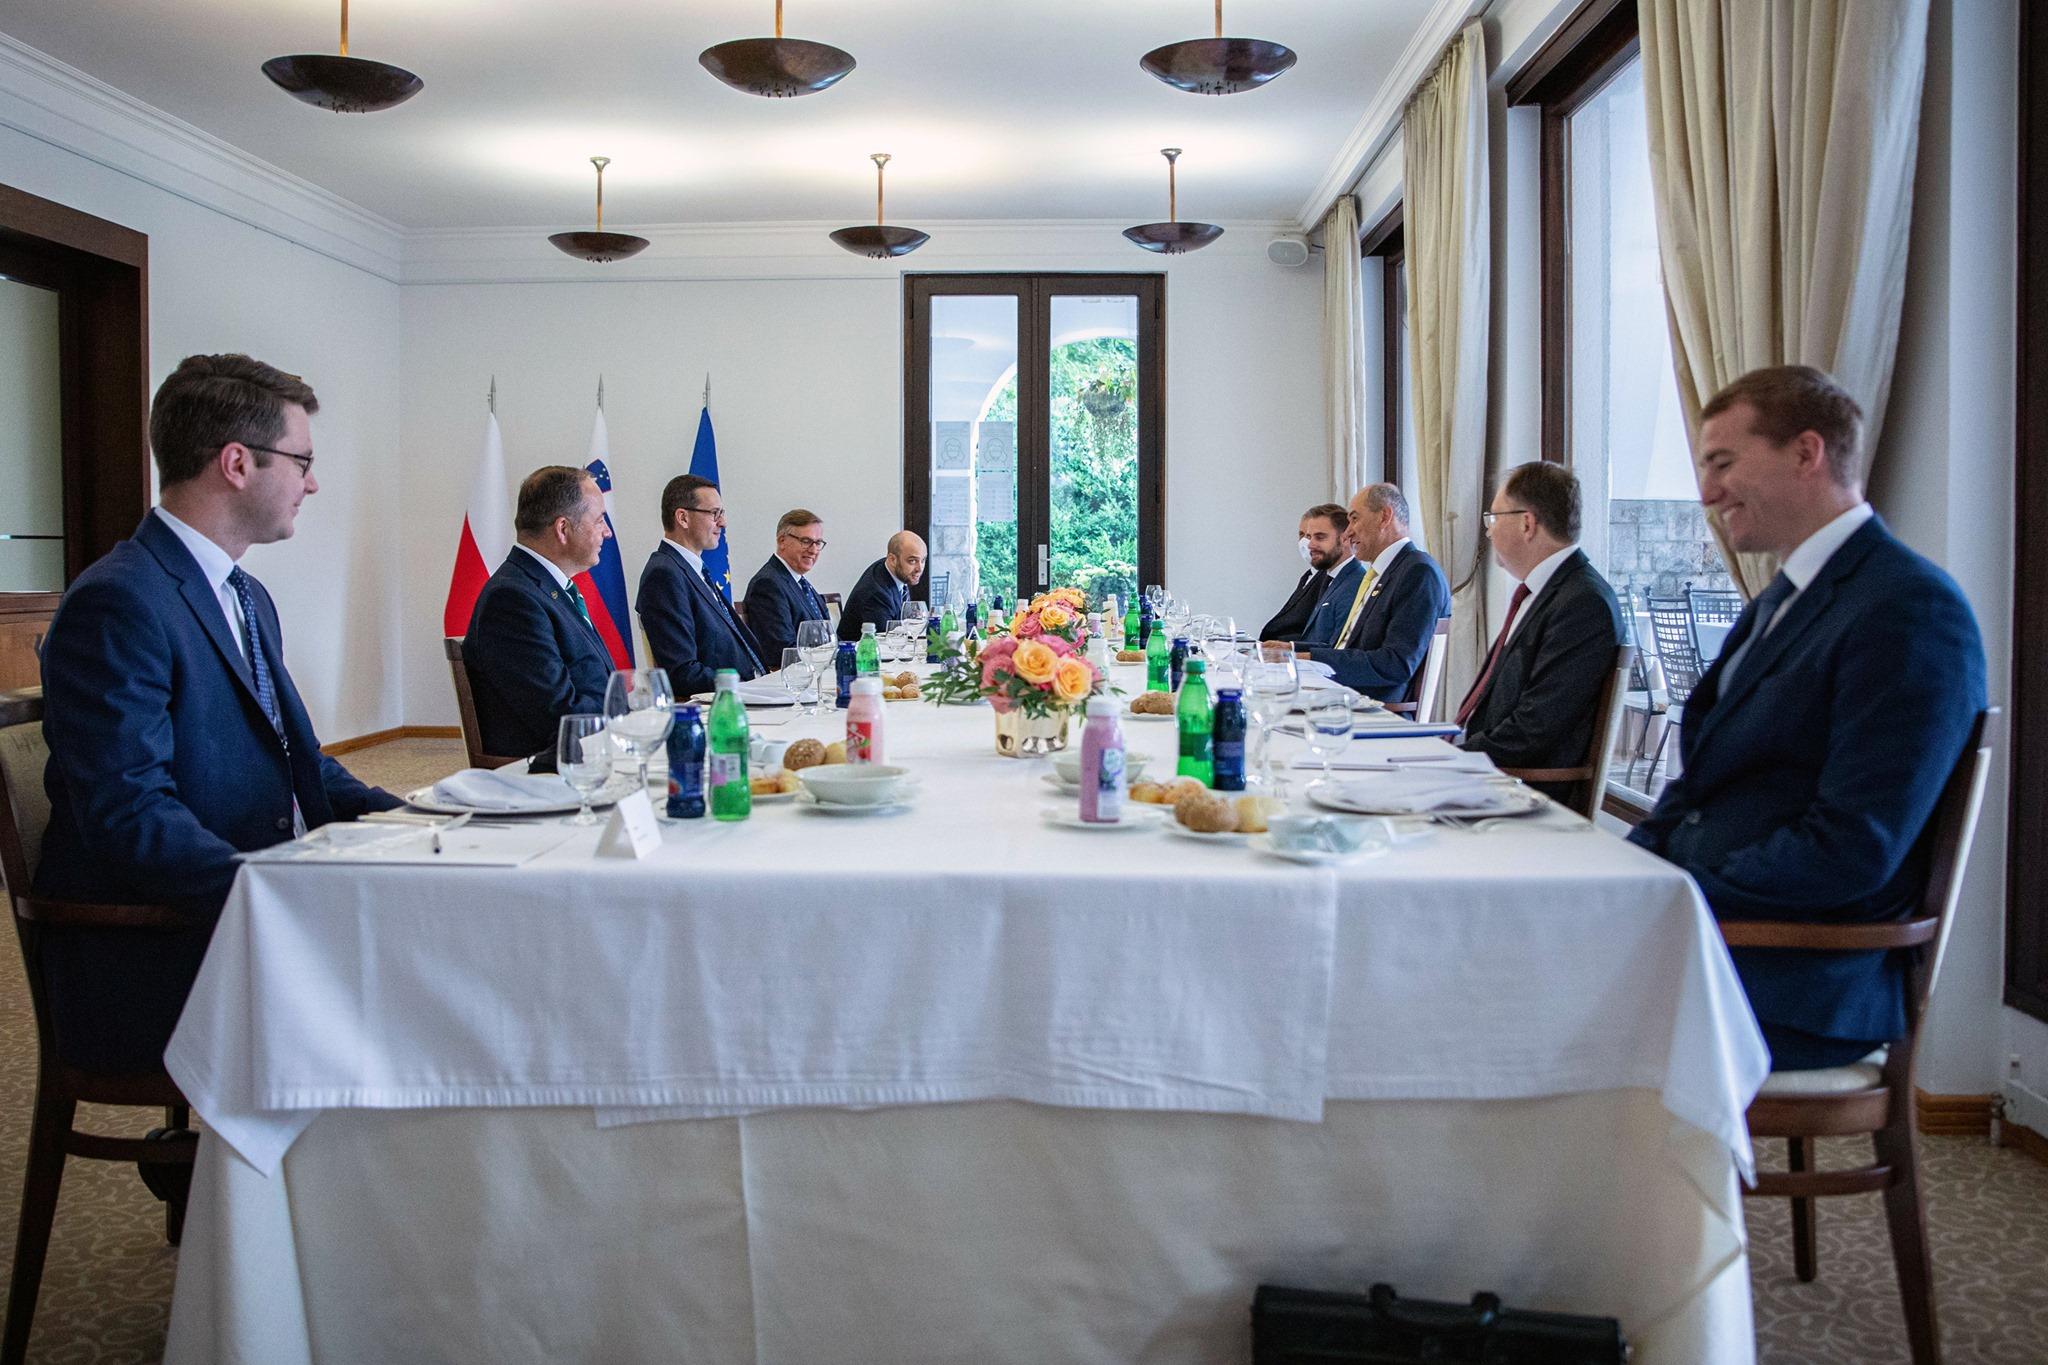 Spotkanie z premierem Słowenii Janez Janša w Bled